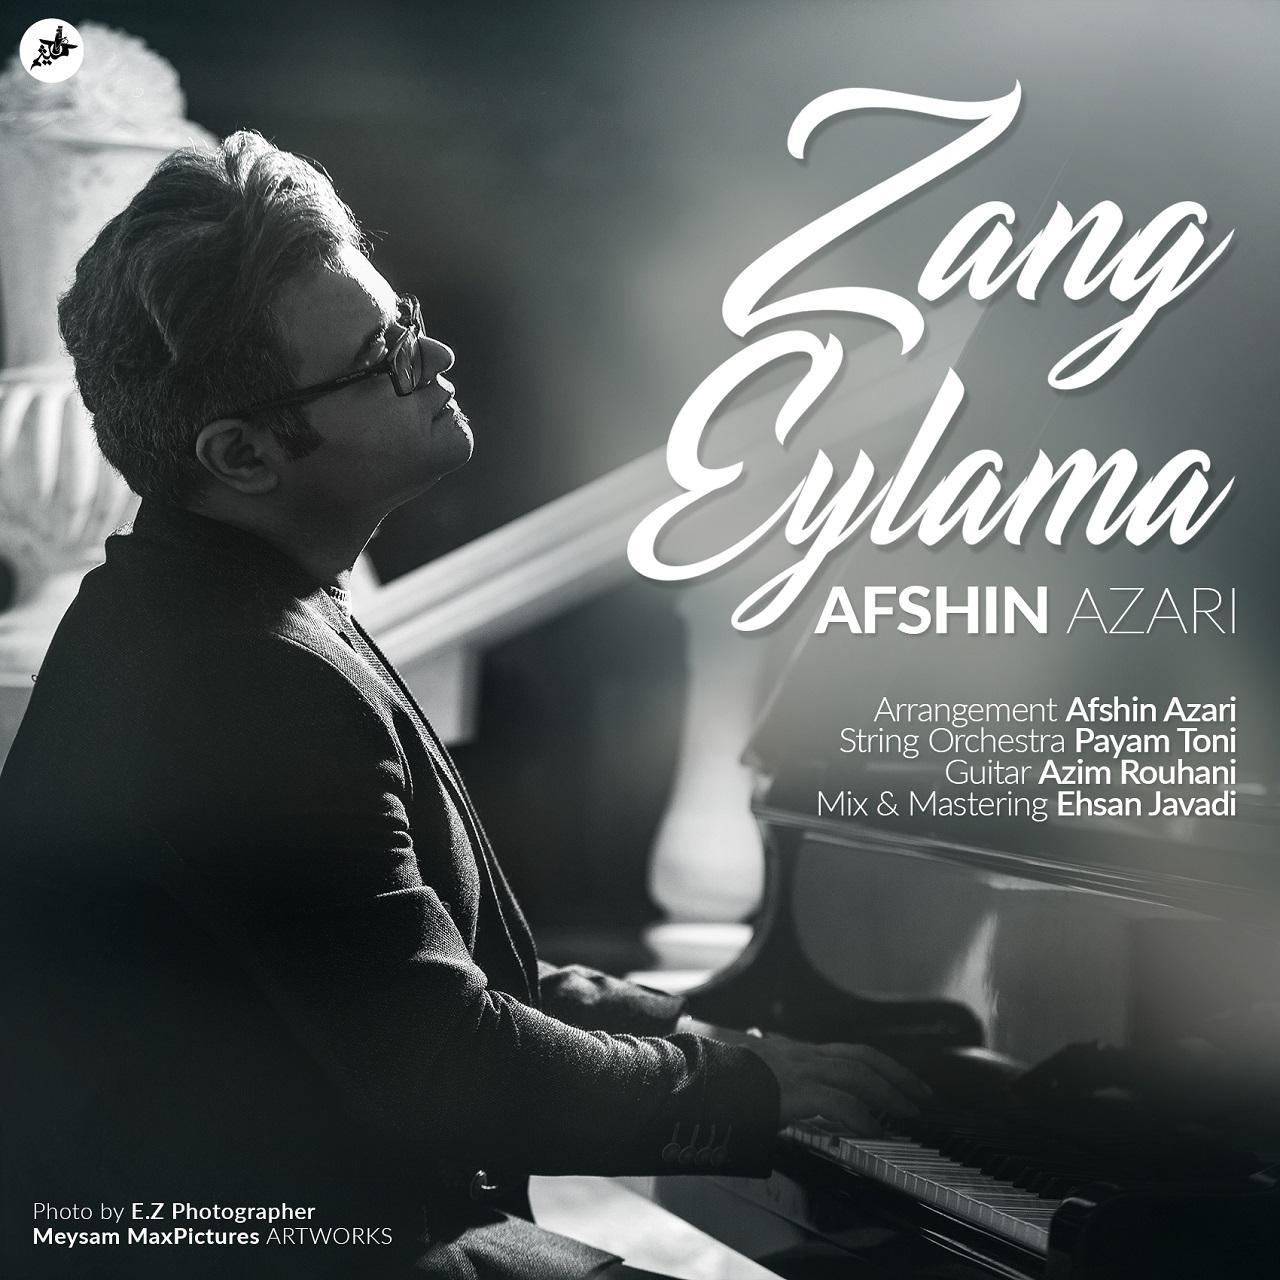 Afshin Azari – Zang Eylama Birda